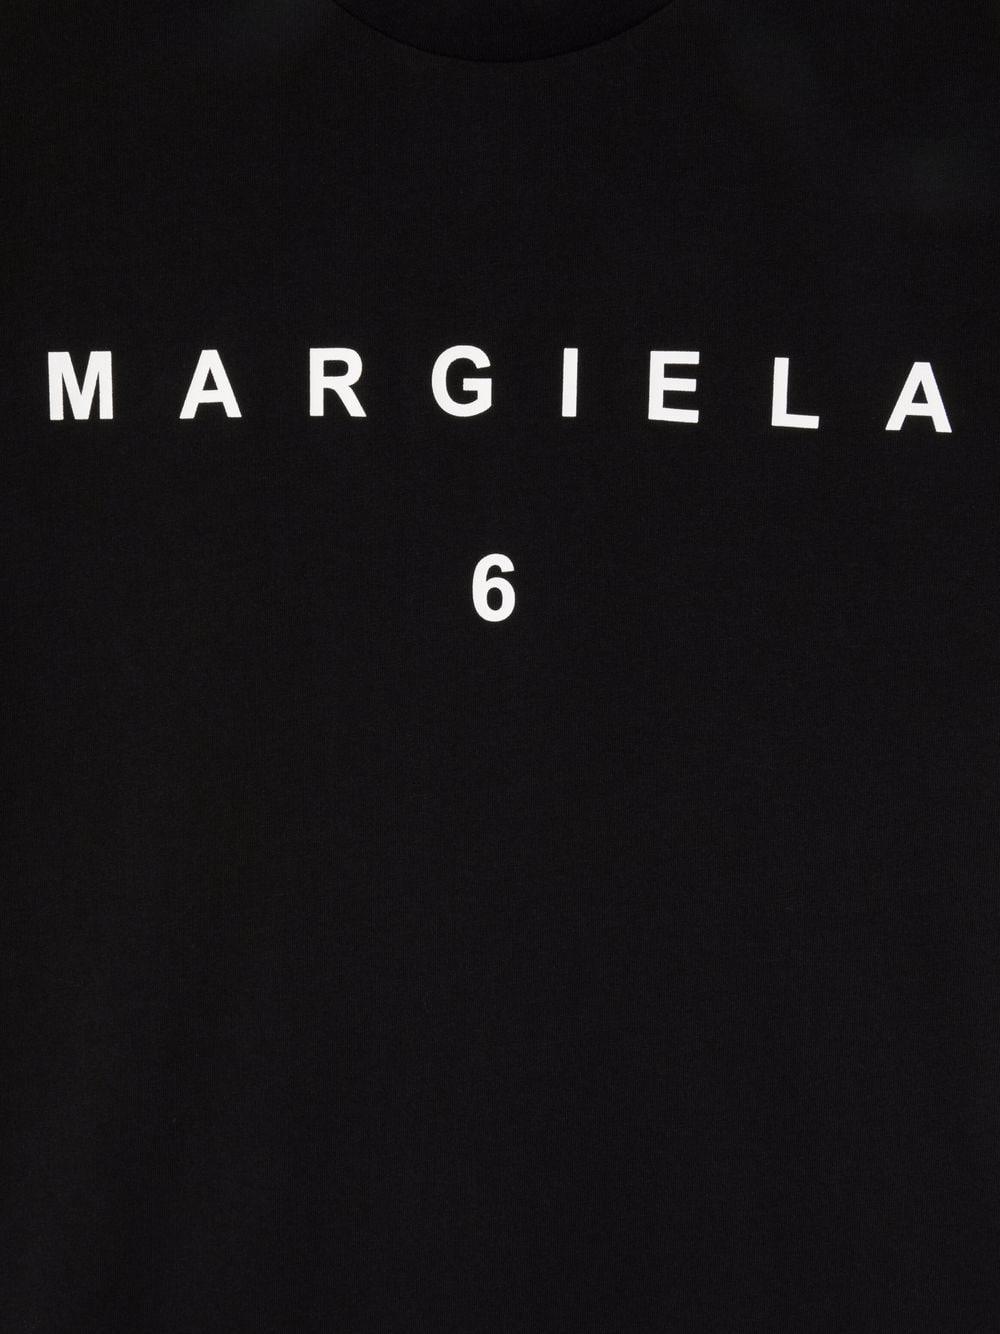 MM6 MAISON MARGIELA      MM6D7UM60051MM022M6900##